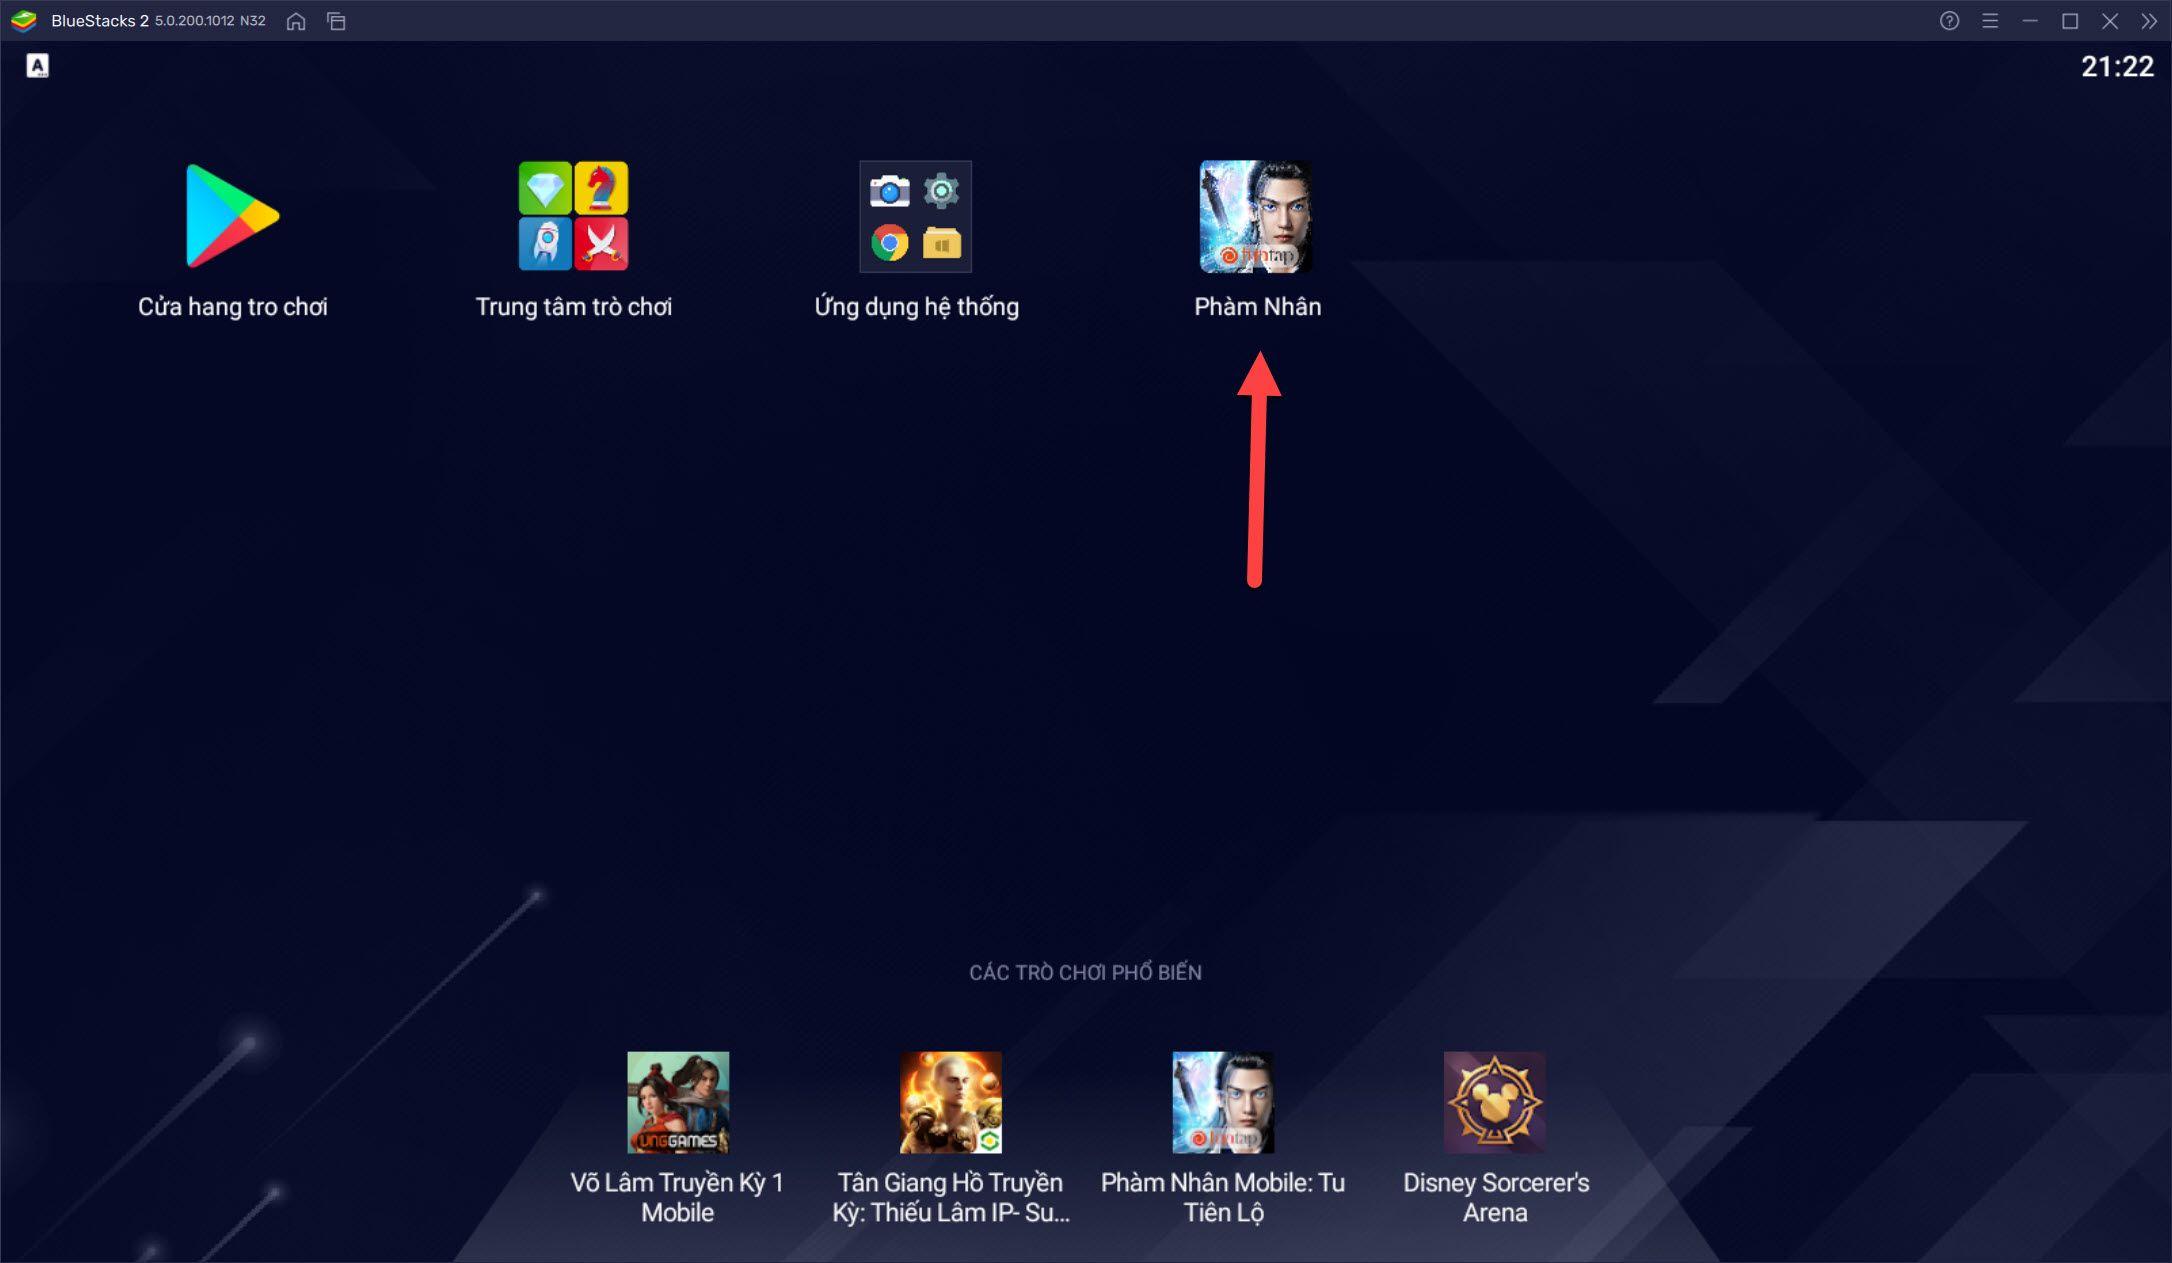 Hướng dẫn chơi Phàm Nhân Mobile bằng nhiều tài khoản với BlueStacks